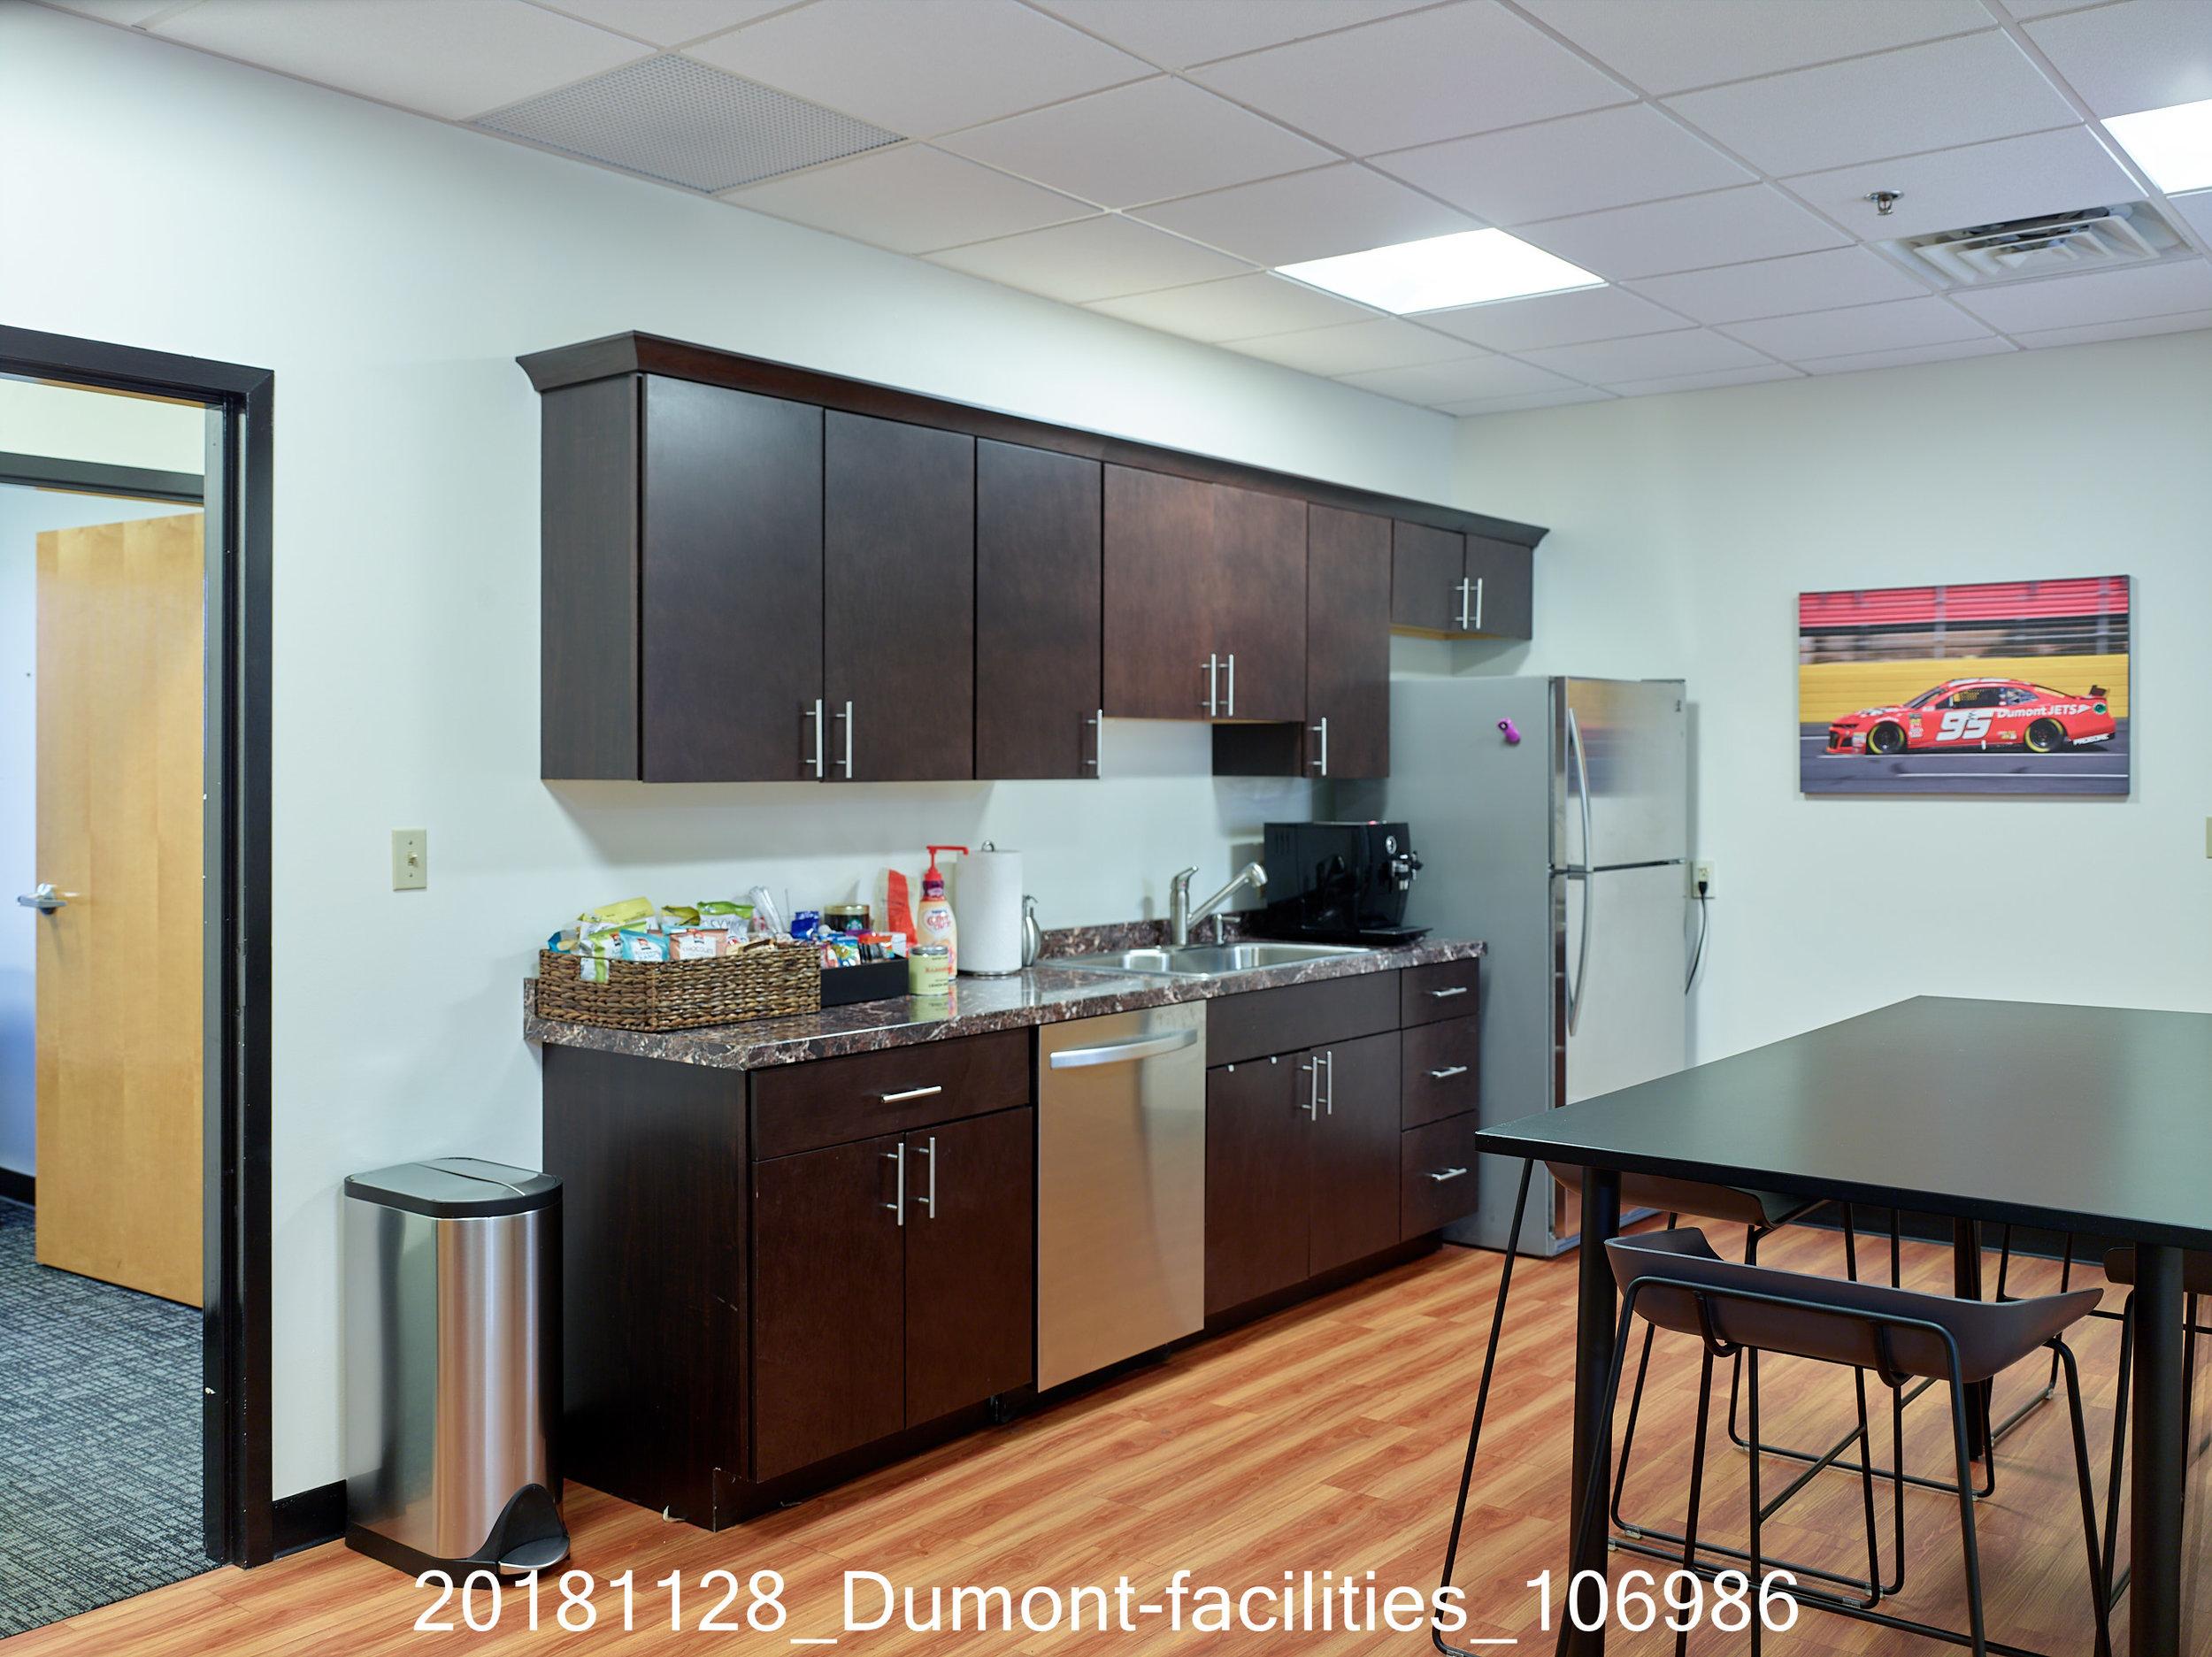 20181128_Dumont-facilities_106986.jpg